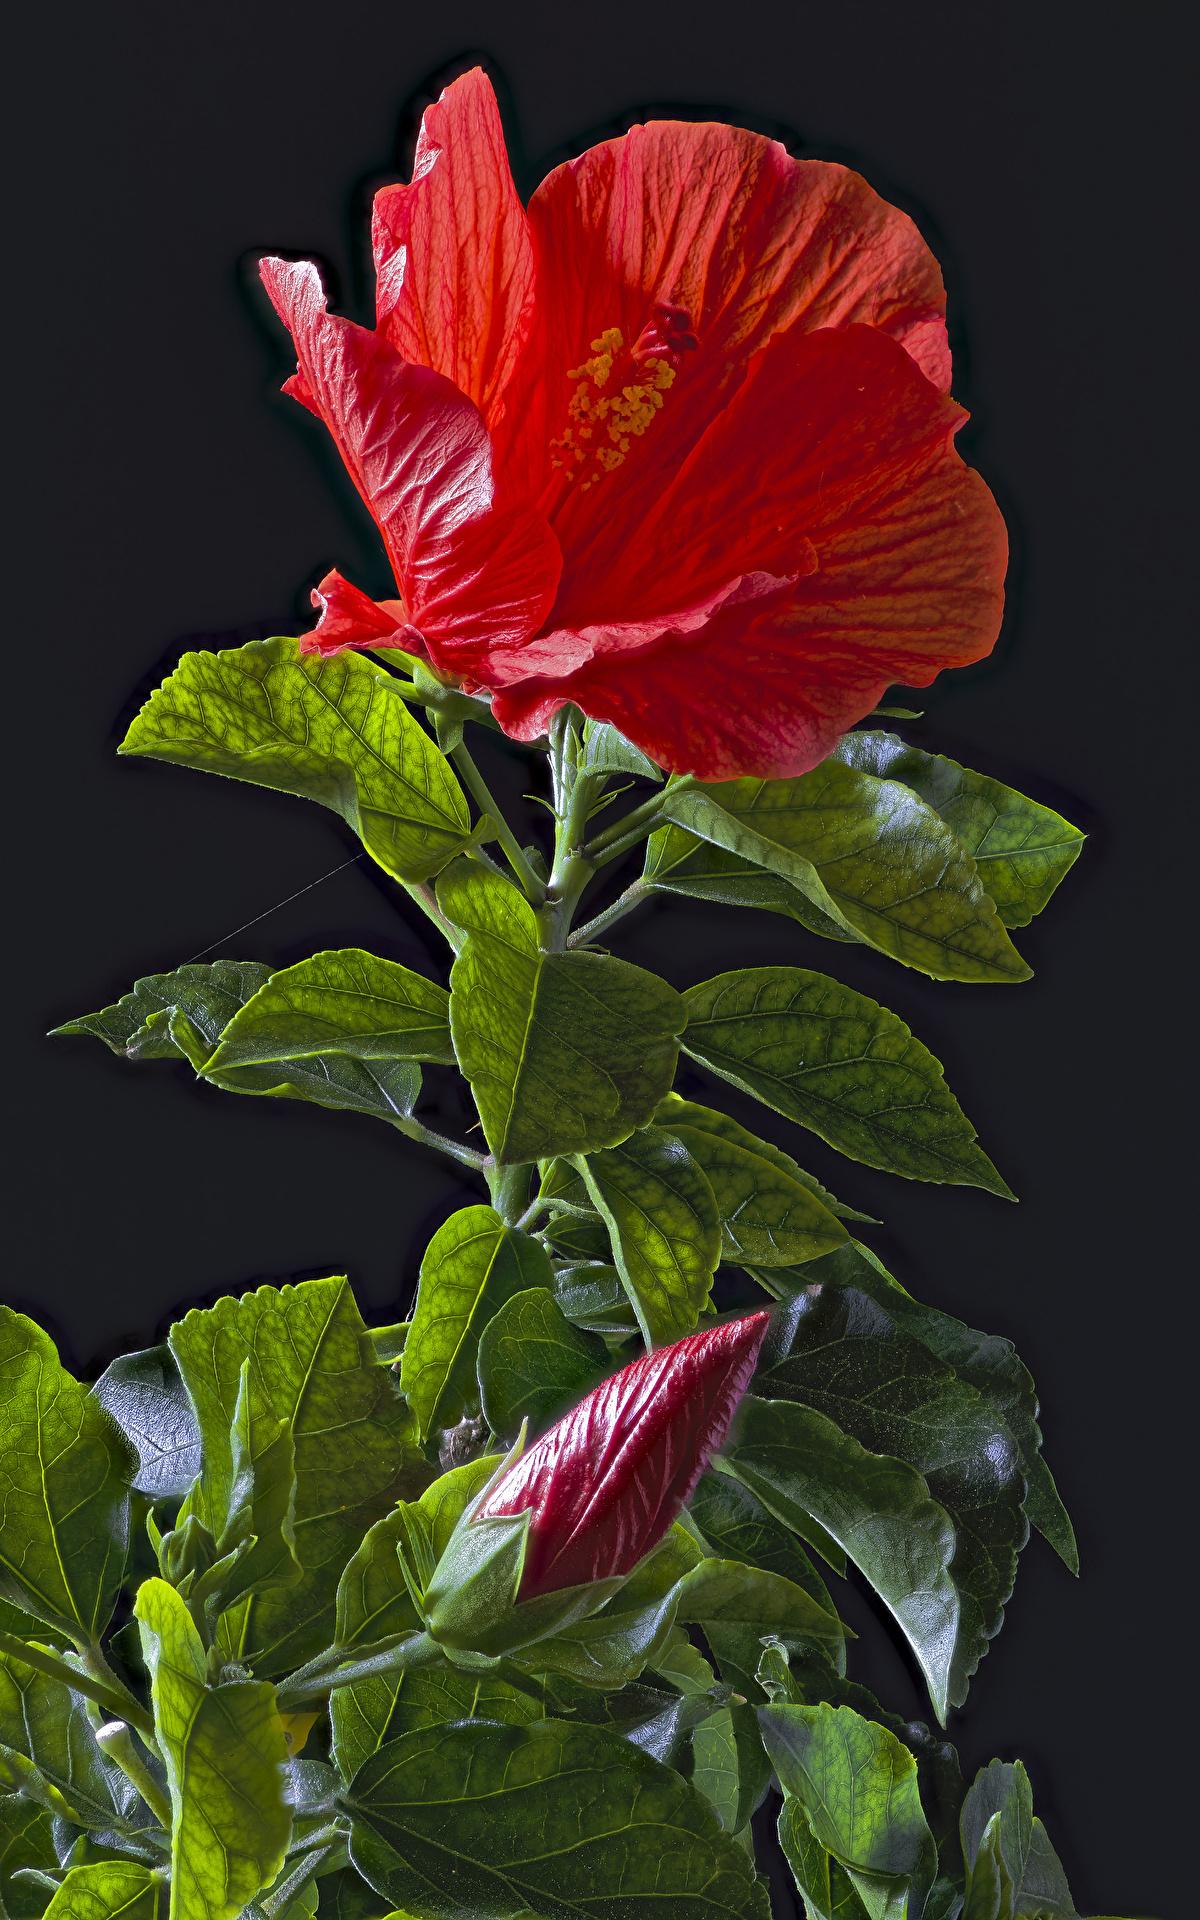 Фото Листья Красный Цветы Гибискусы Бутон Черный фон 1200x1920 Листва